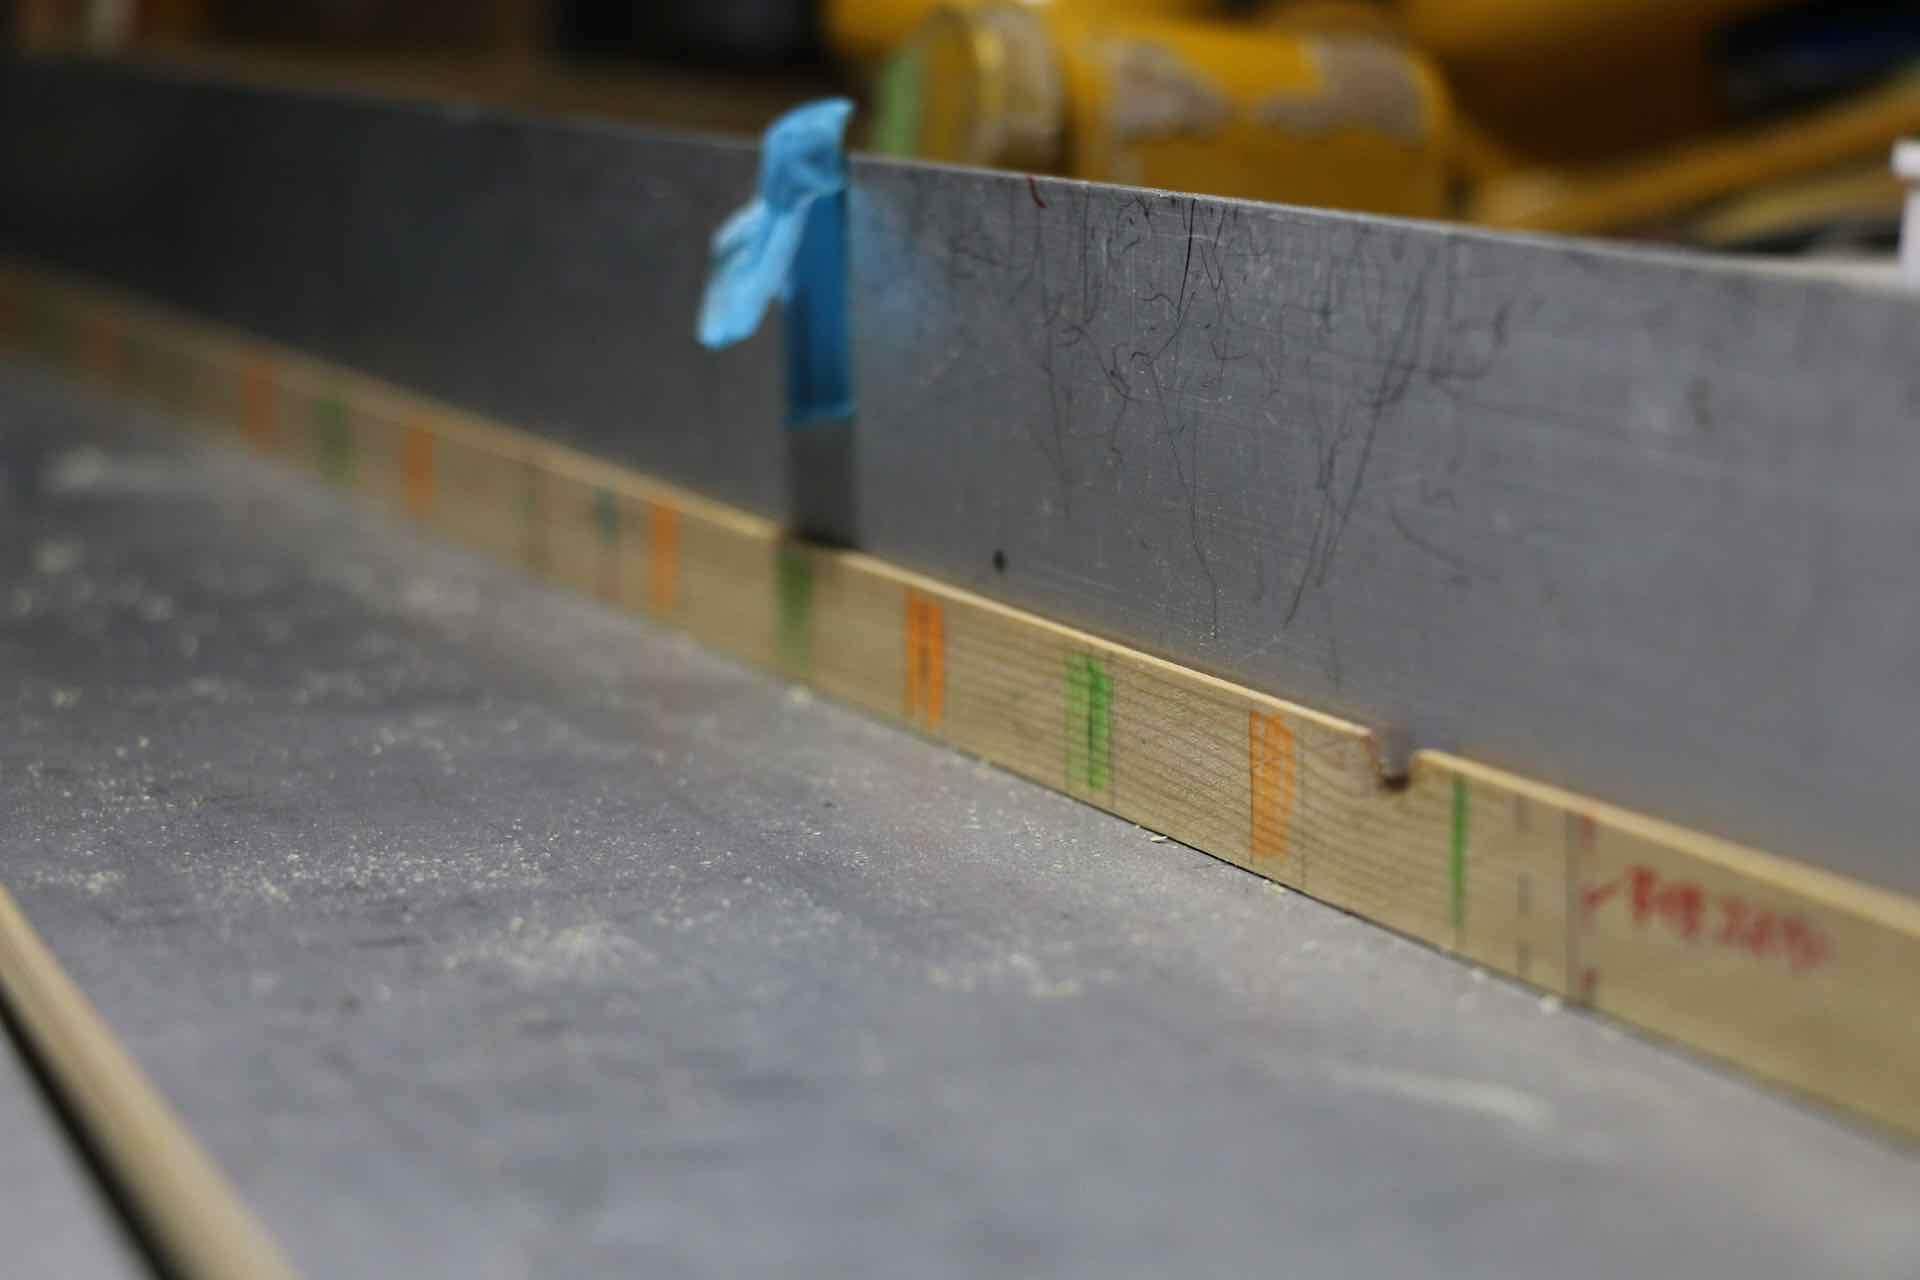 島田さんオリジナルの定規。タテヨコの編み目が色で示されています。竹の節がここに当たらなければOK